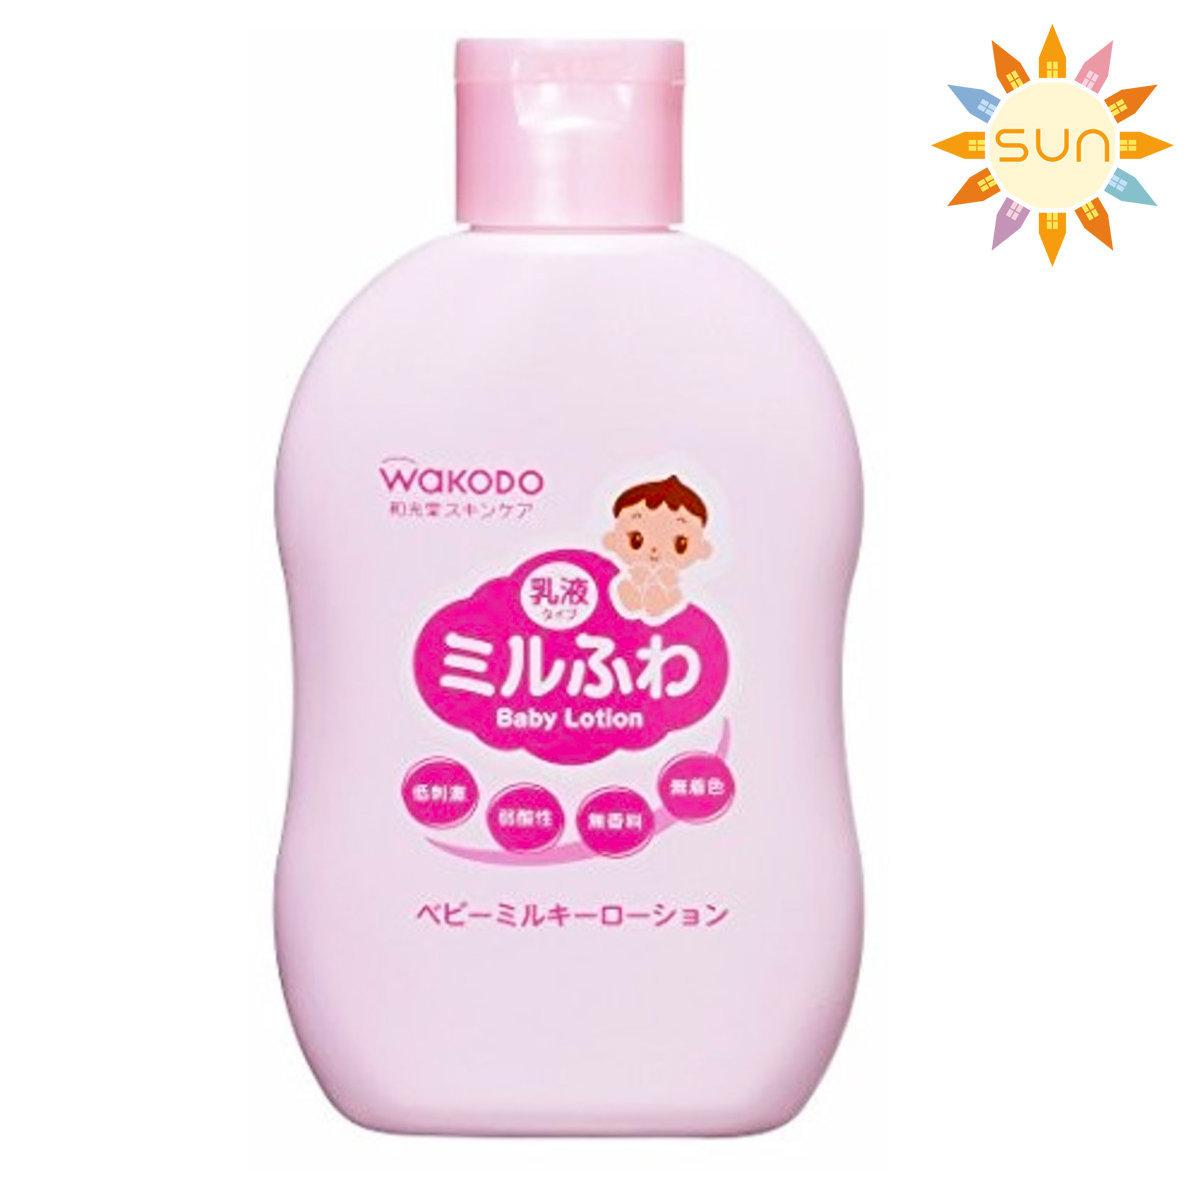 WAKODO 嬰兒保濕潤膚露 150ml [平行進口]